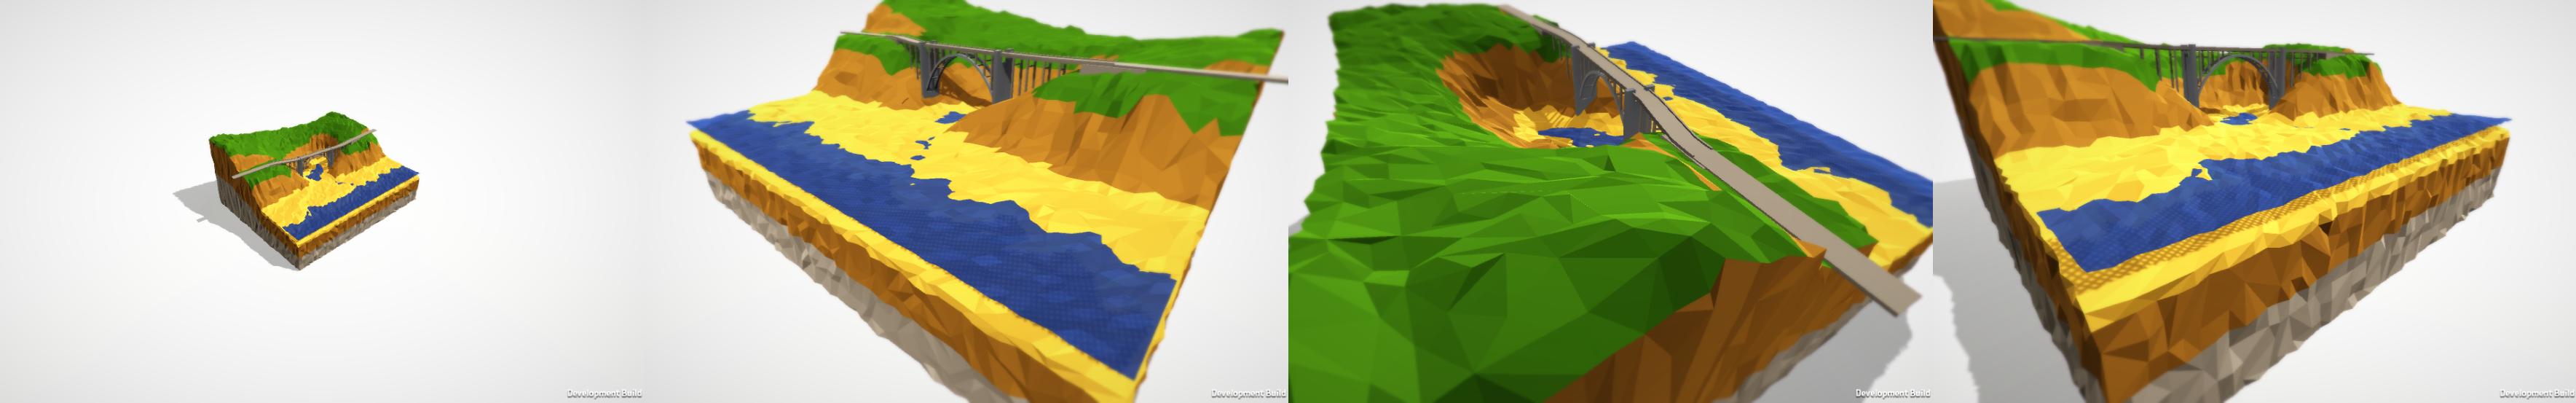 Unity 3D renders